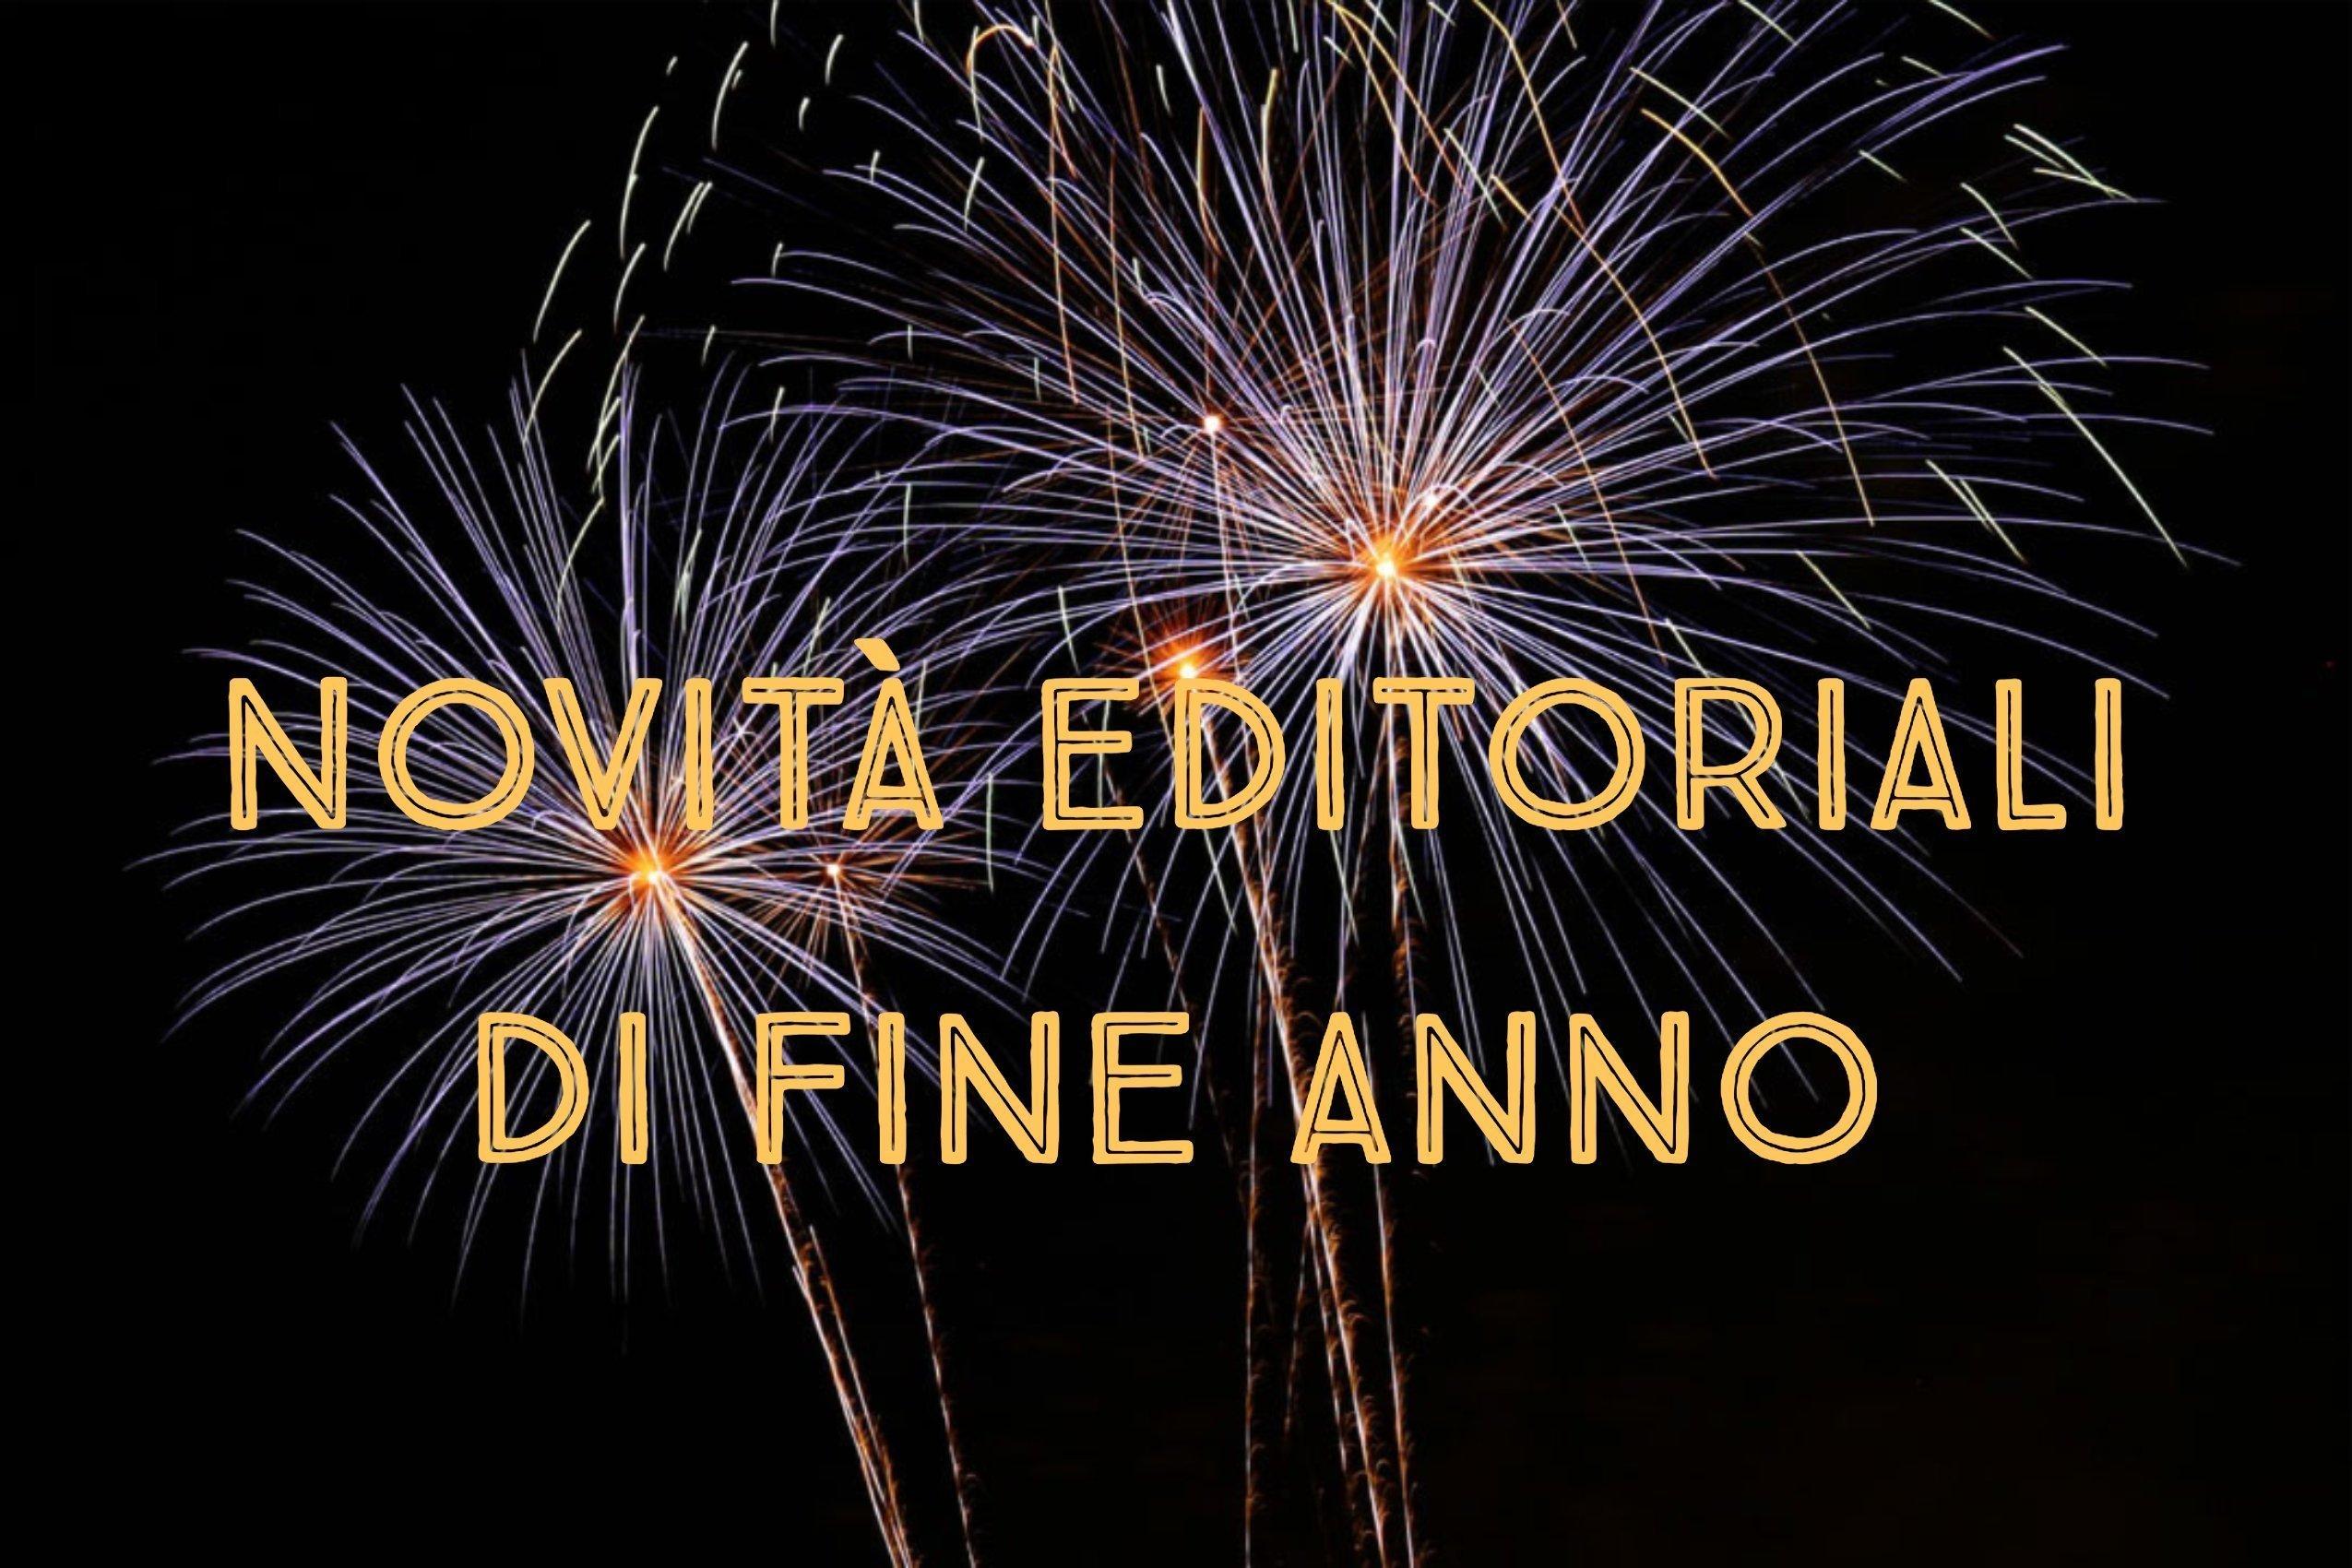 Le novità editoriali di fine anno